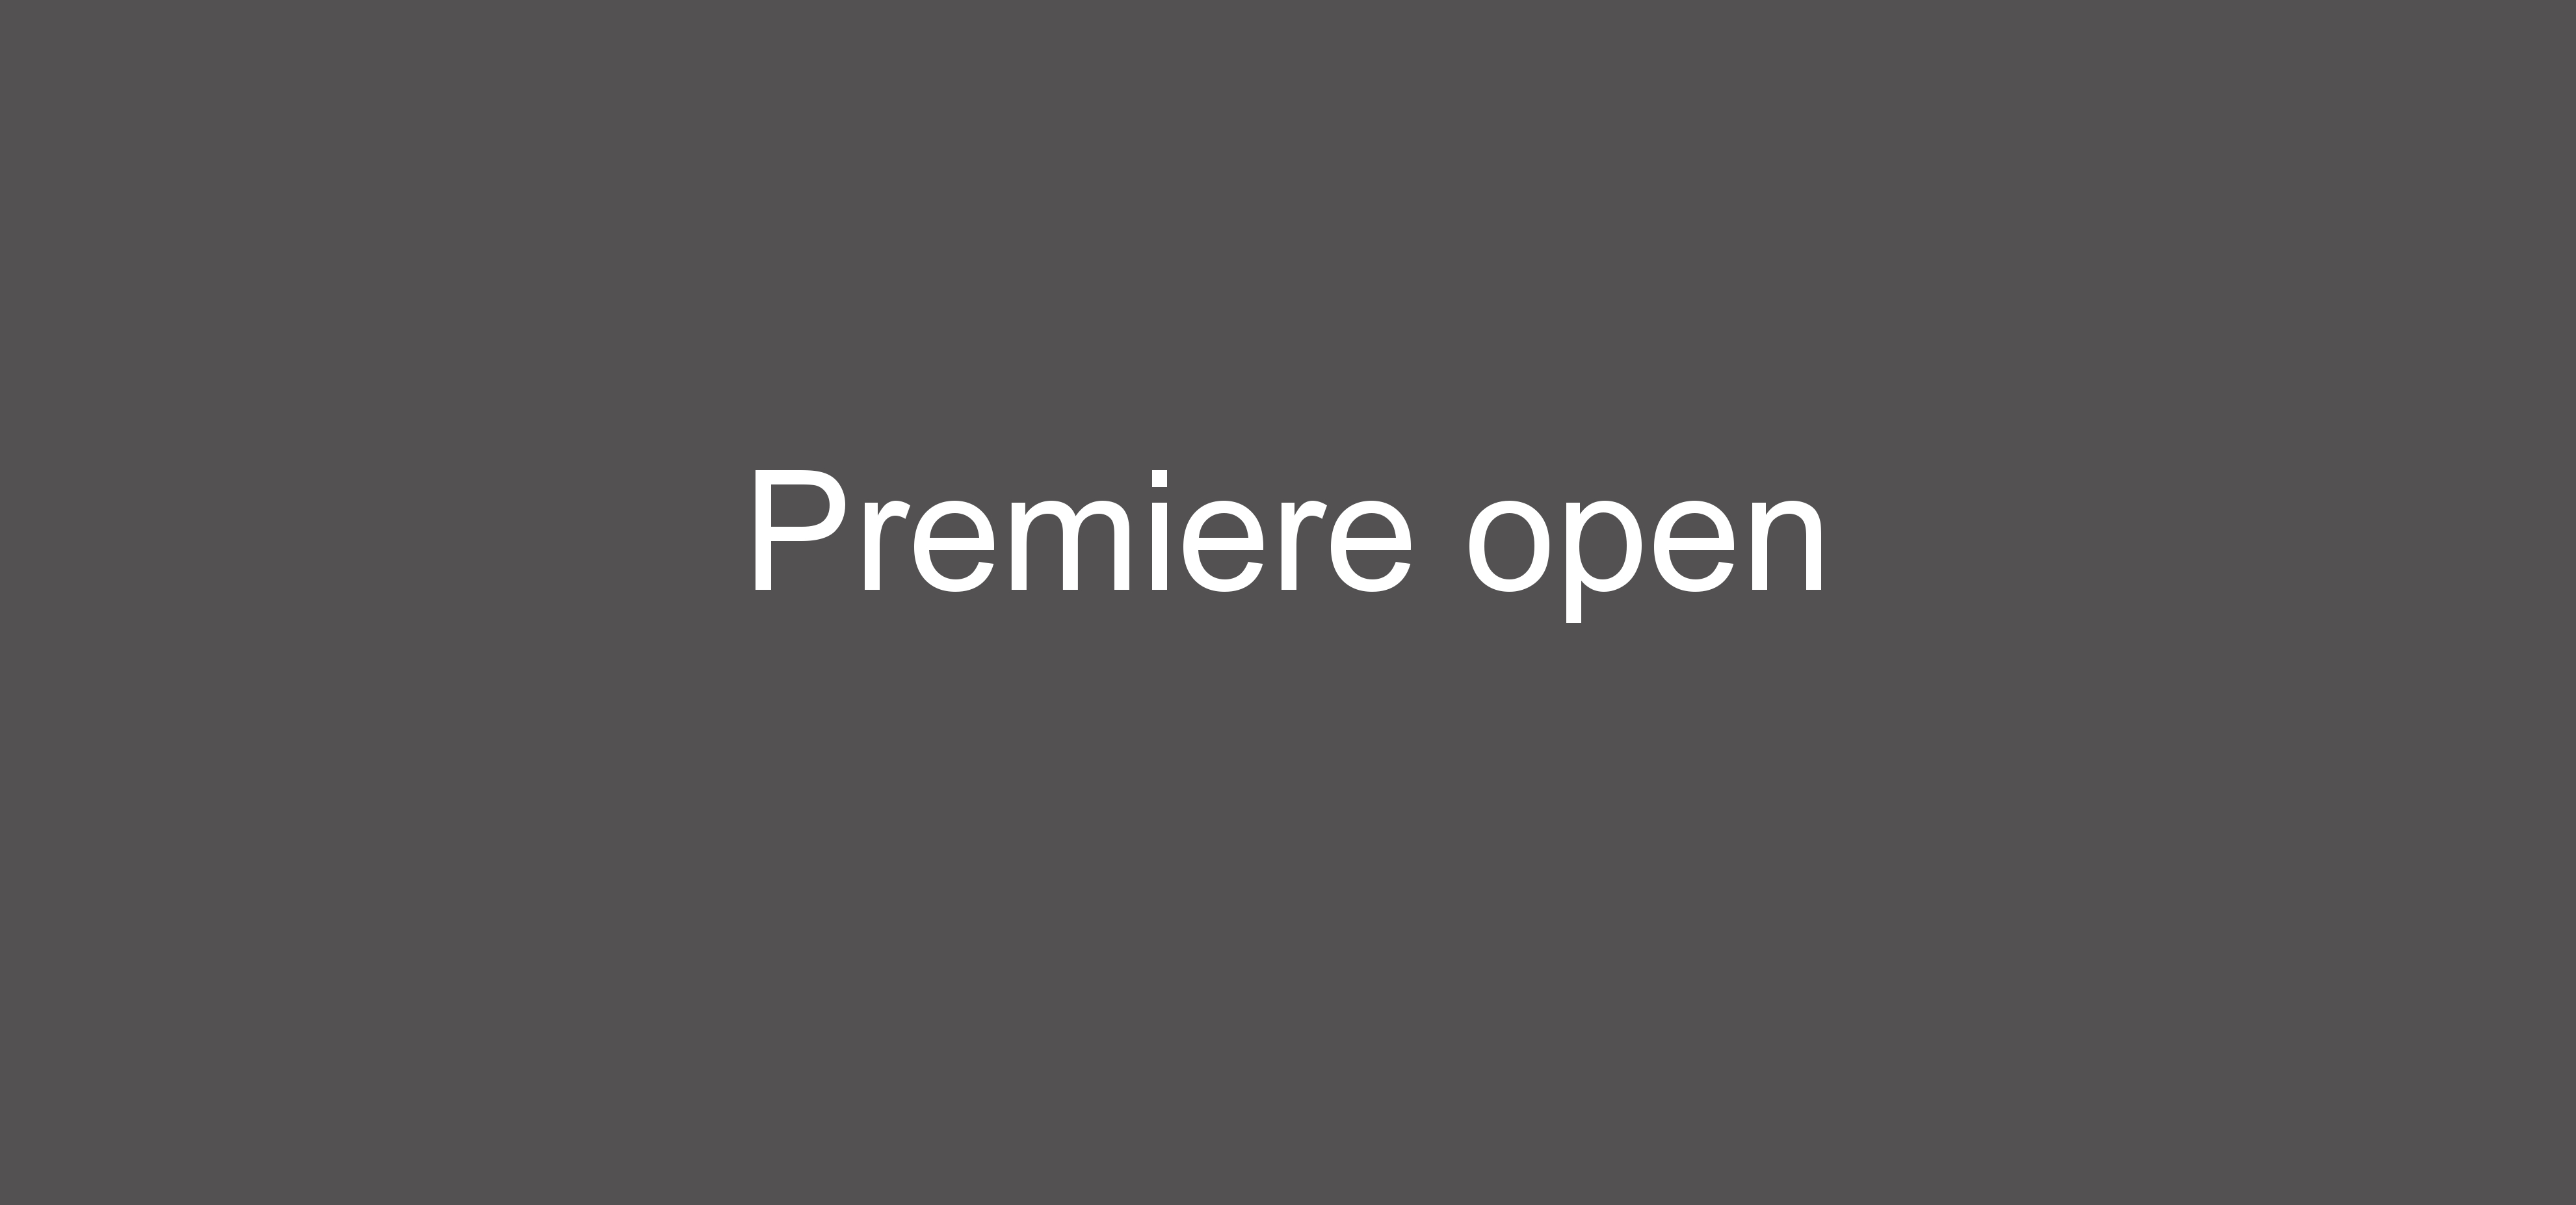 Prem open